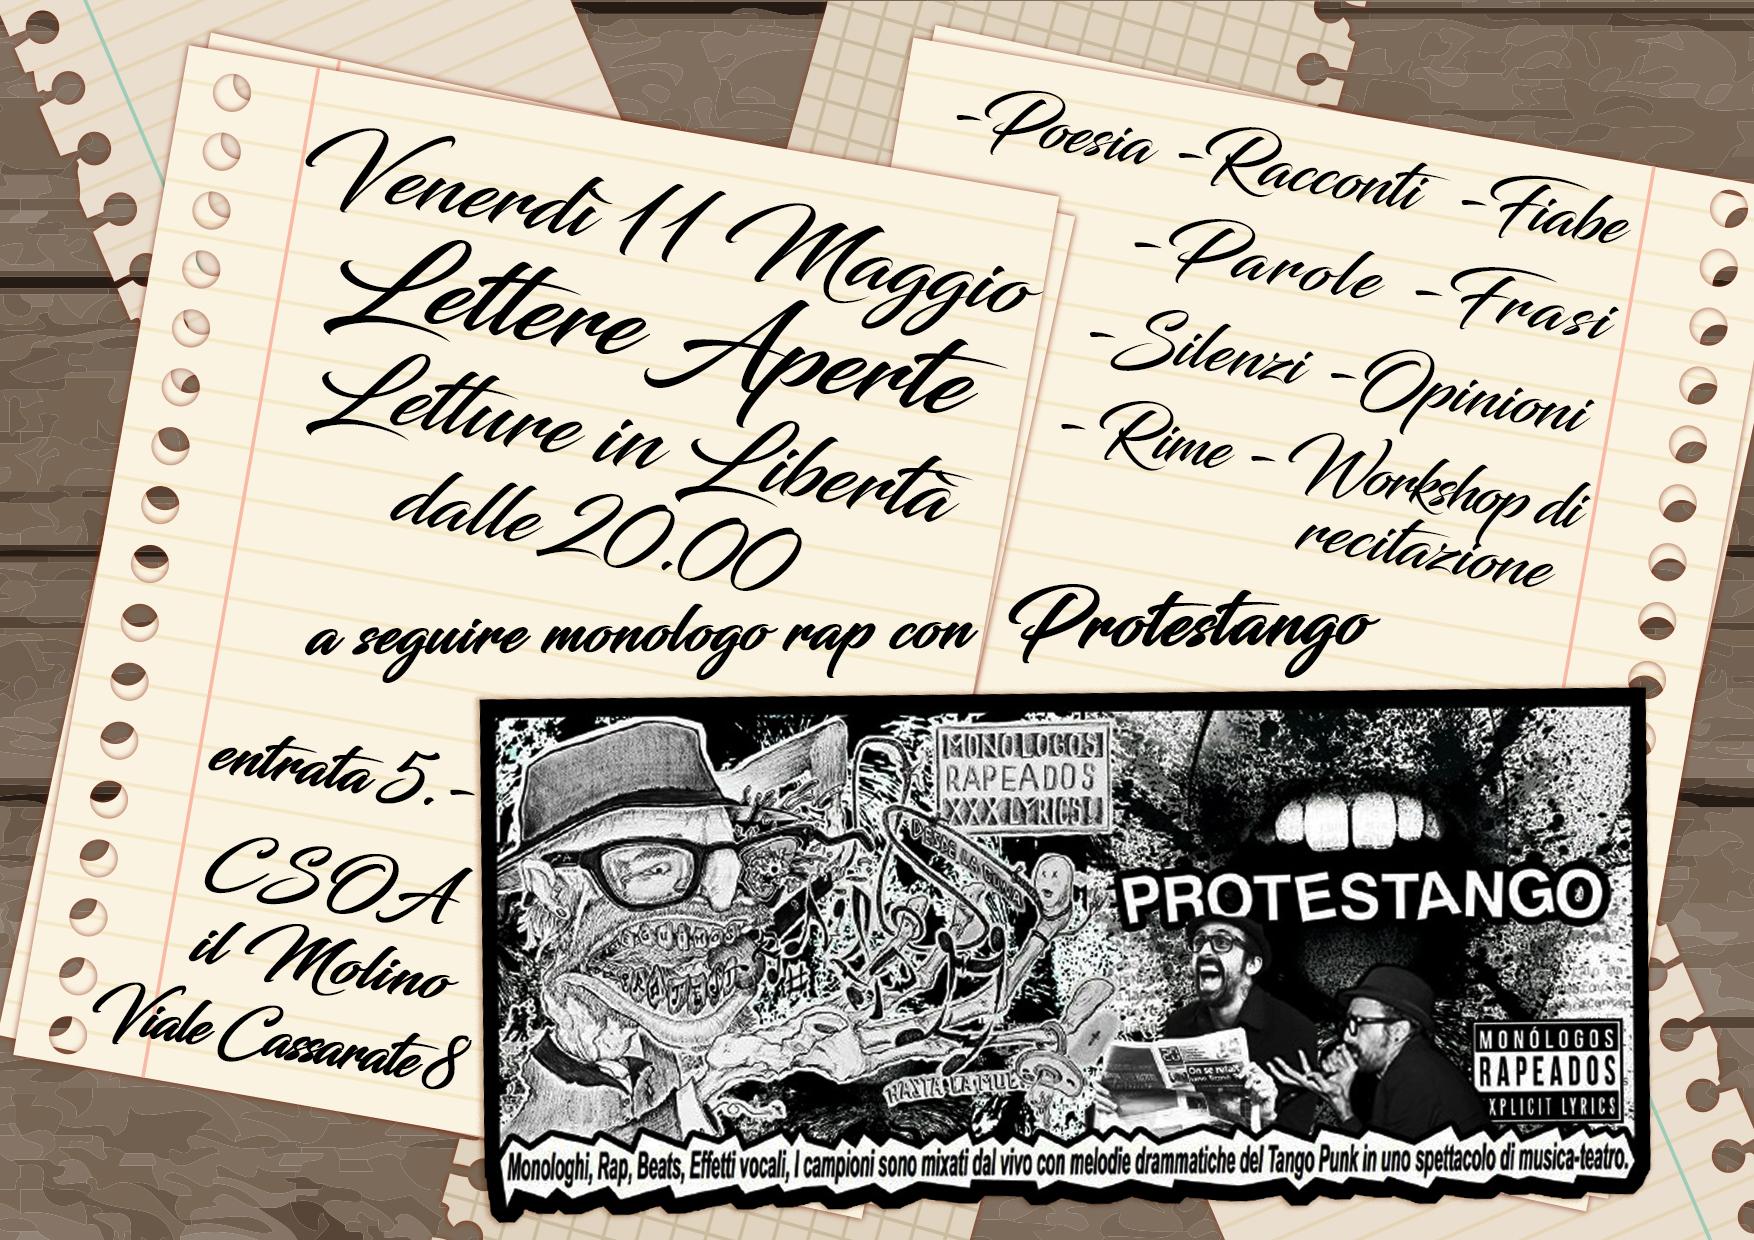 11.05.2018 - Lettere Aperte - Letture in Libertà + Protestango! 1